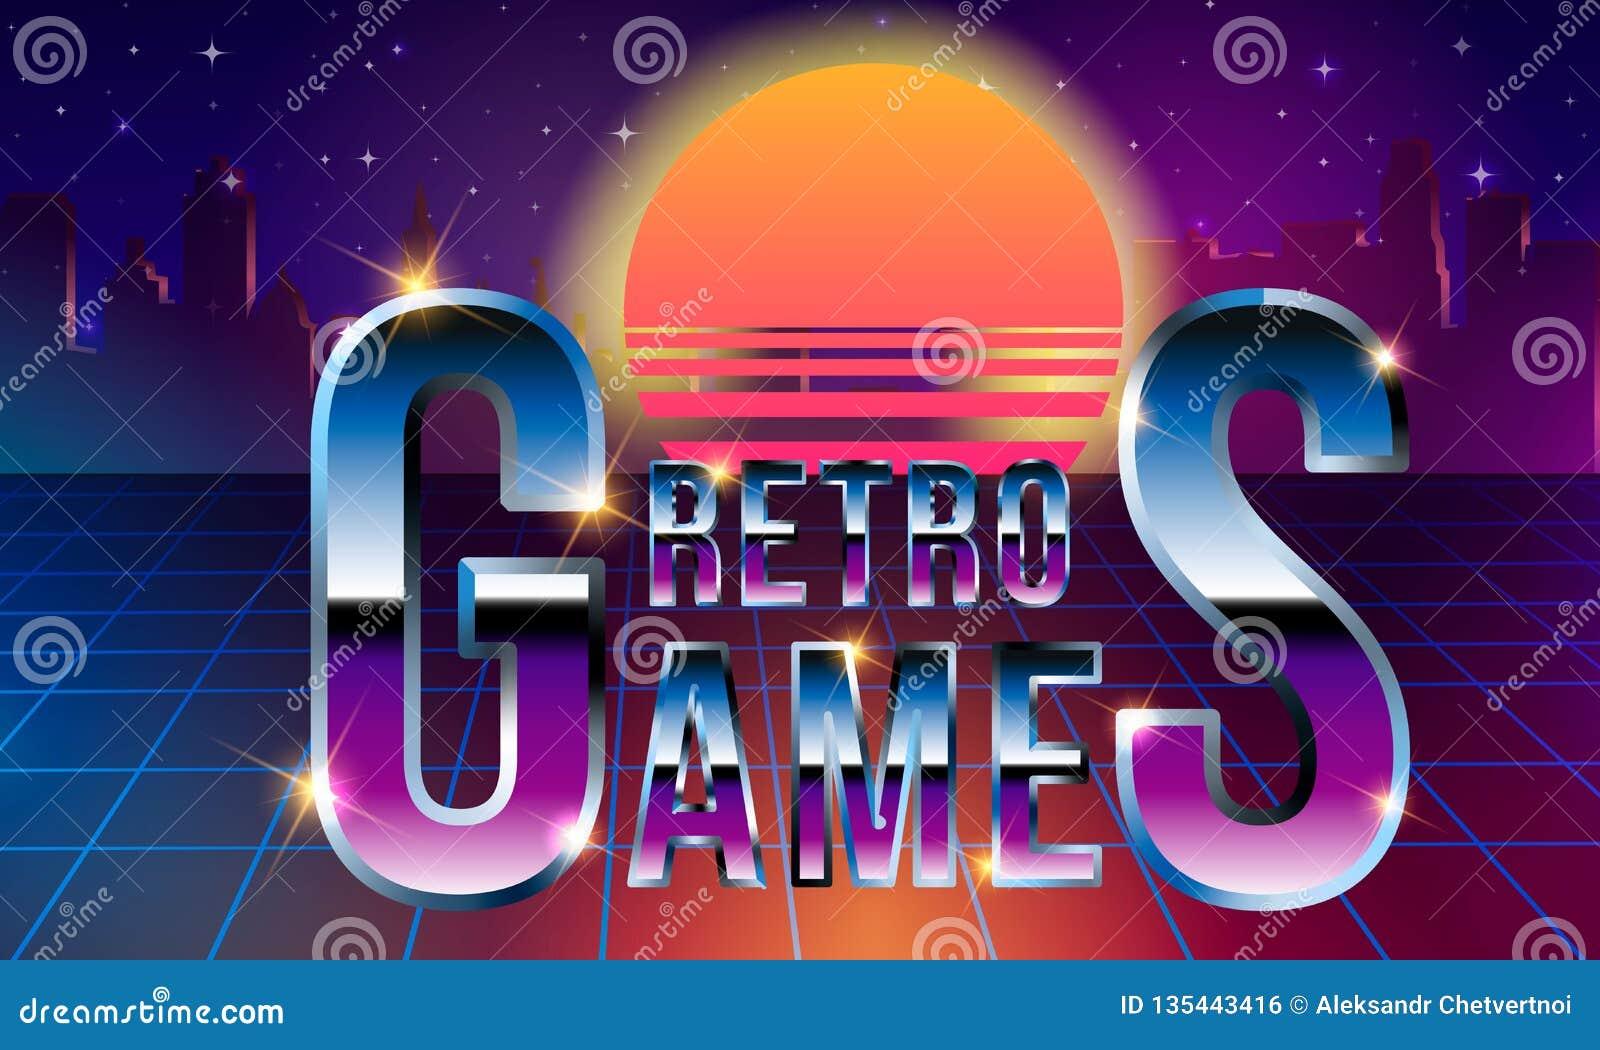 Retro Games  Fancy Retrofuturistic Neon Font On Dark